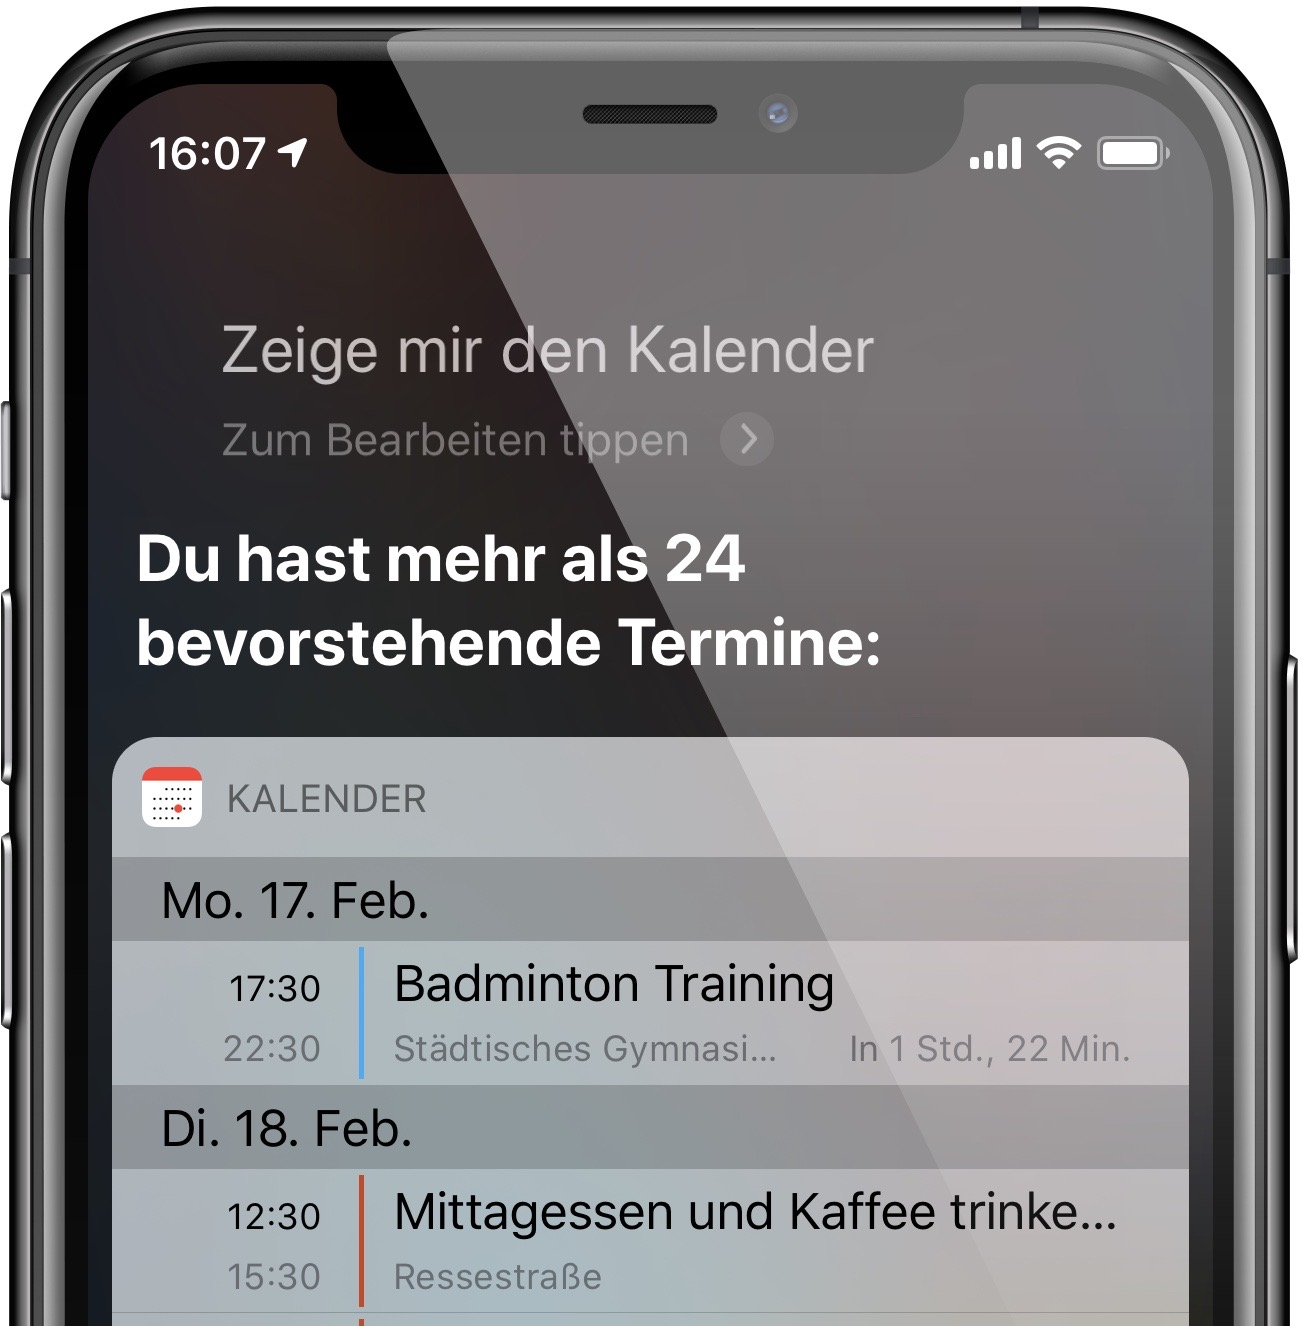 iphone-siri-kommando-zeige-mir-den-kalender